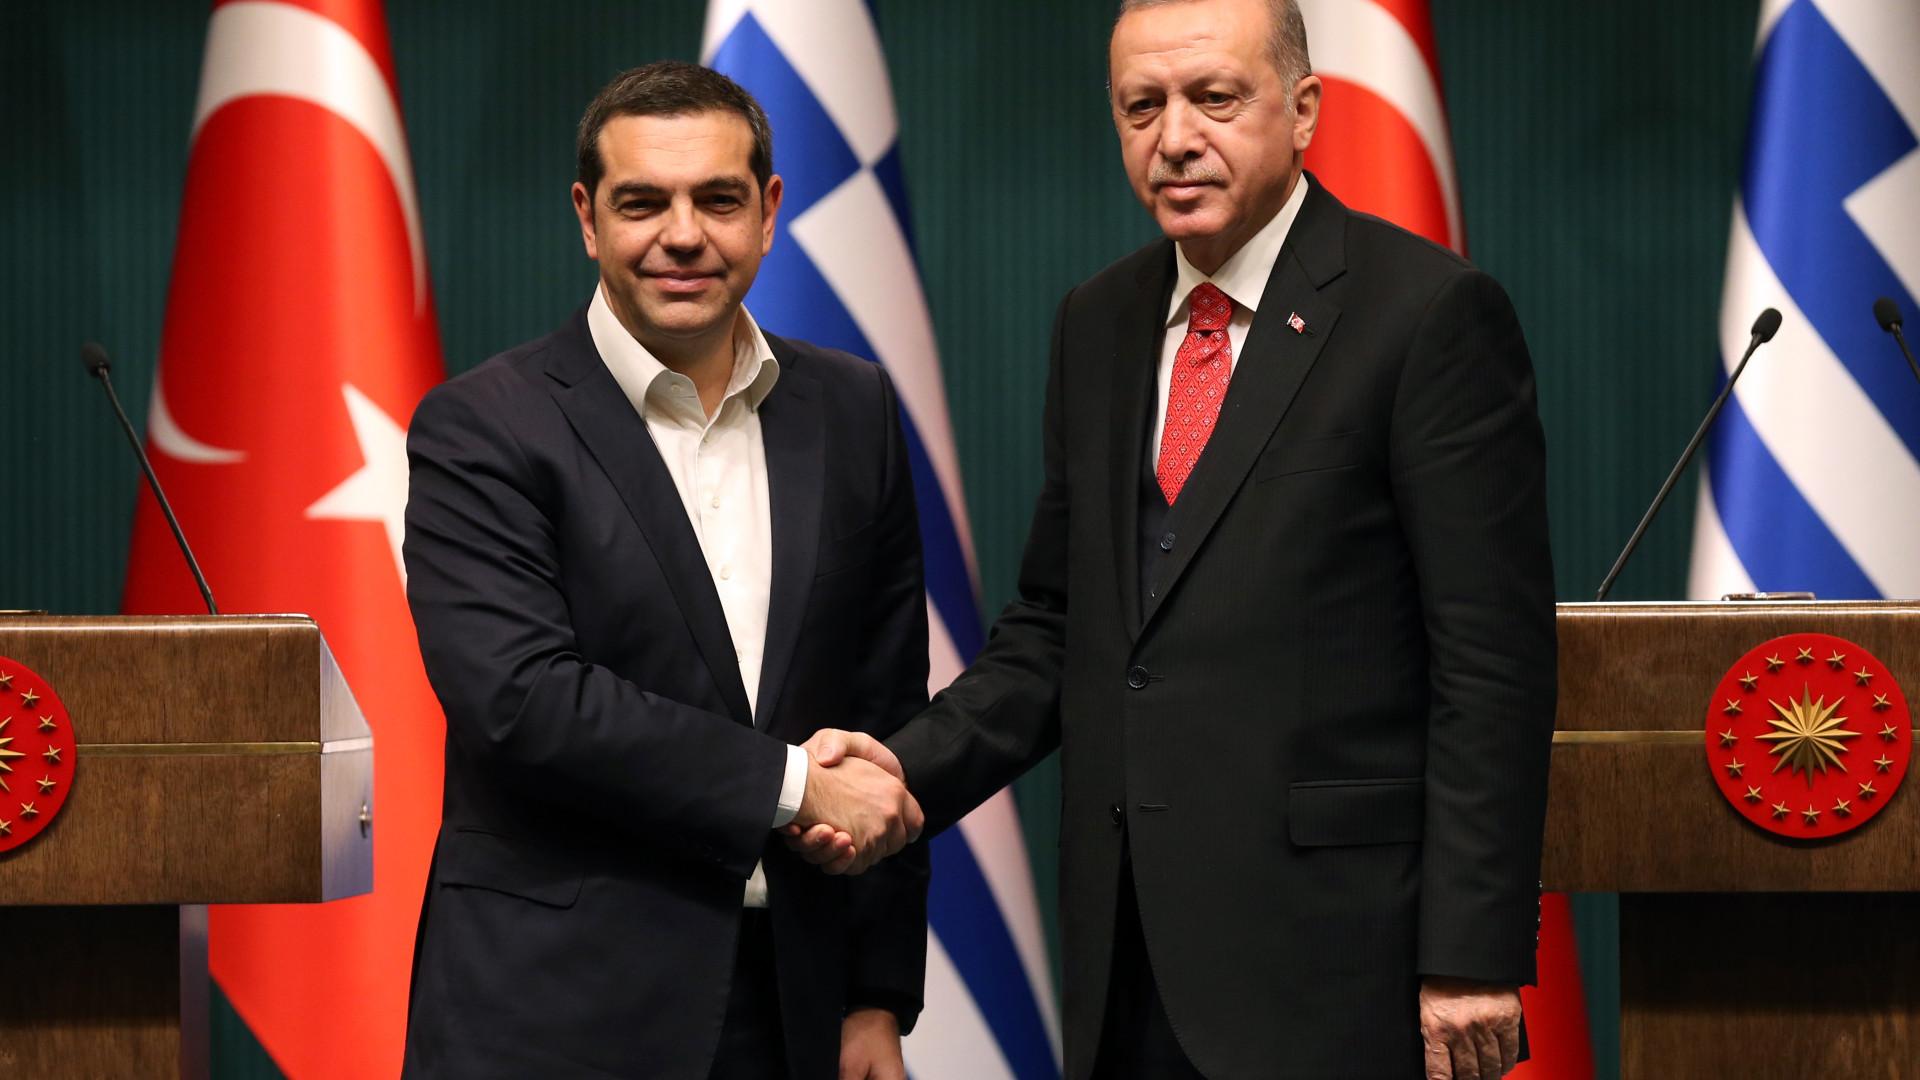 Presidentes da Turquia e Grécia desejam manter diálogo d6845f28a42f3